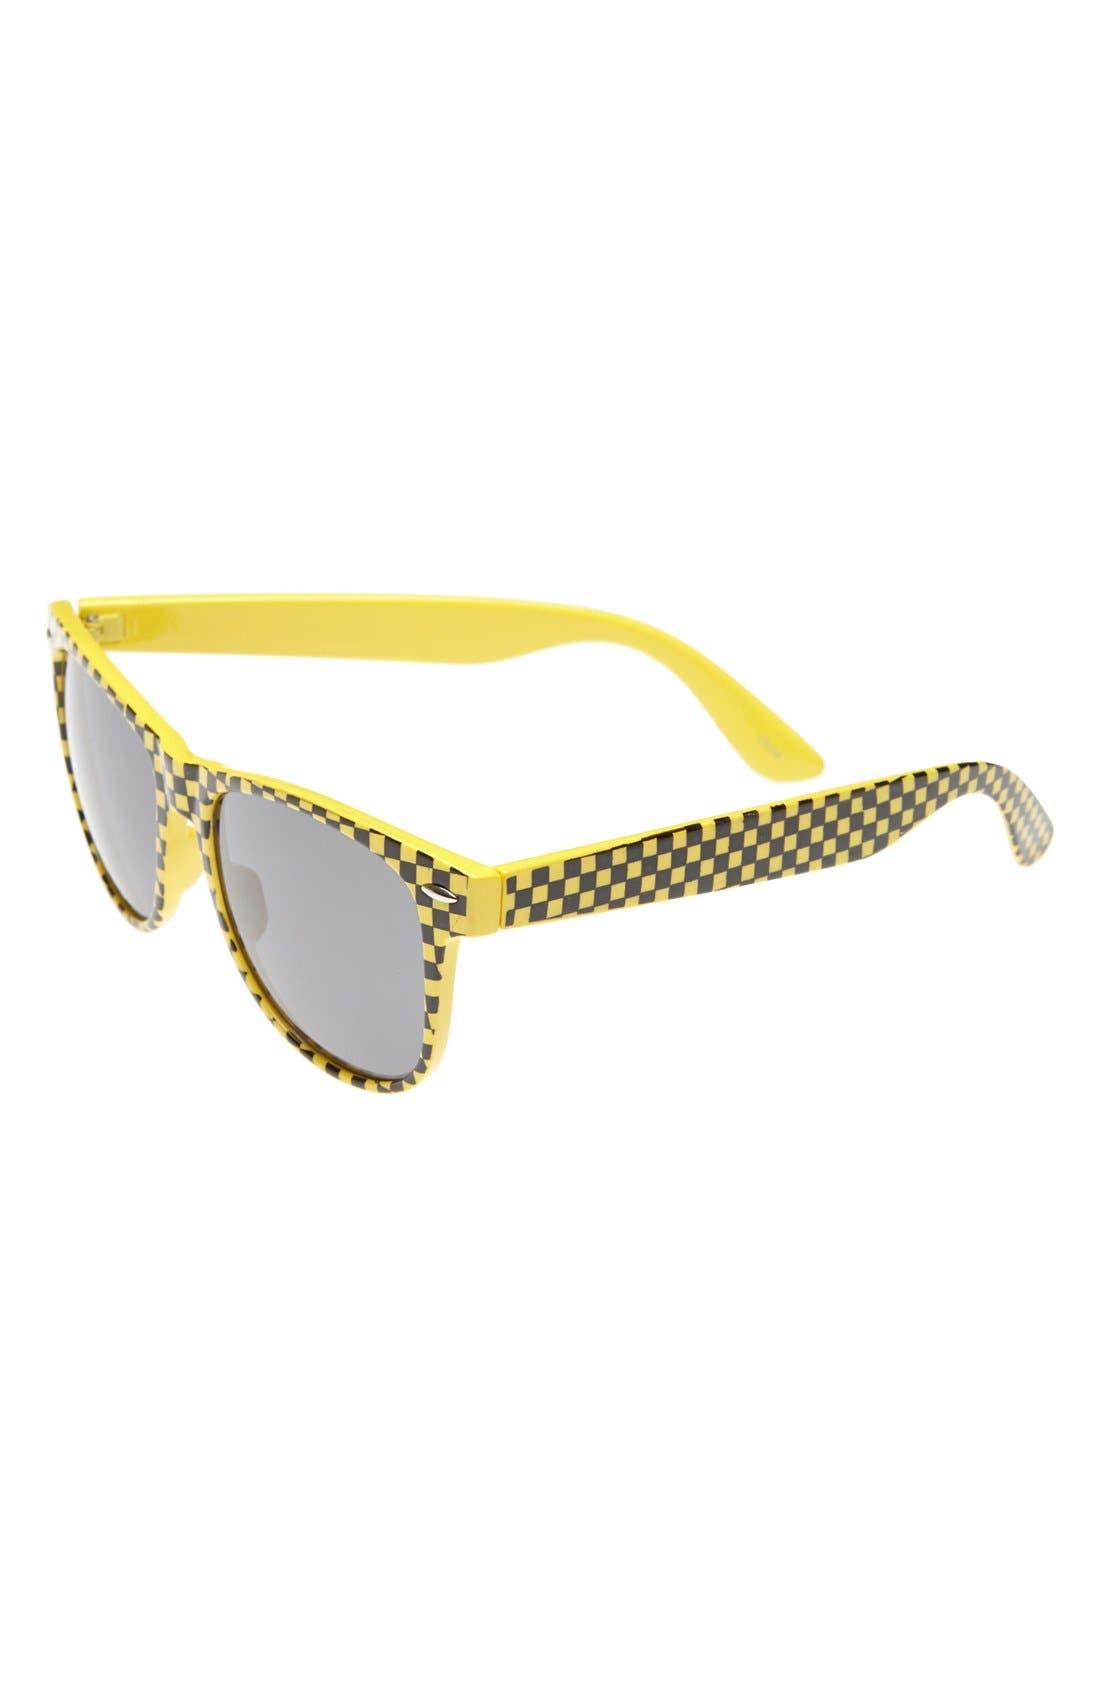 Alternate Image 1 Selected - Icon Eyewear 'Lachlan' Sunglasses (Boys)